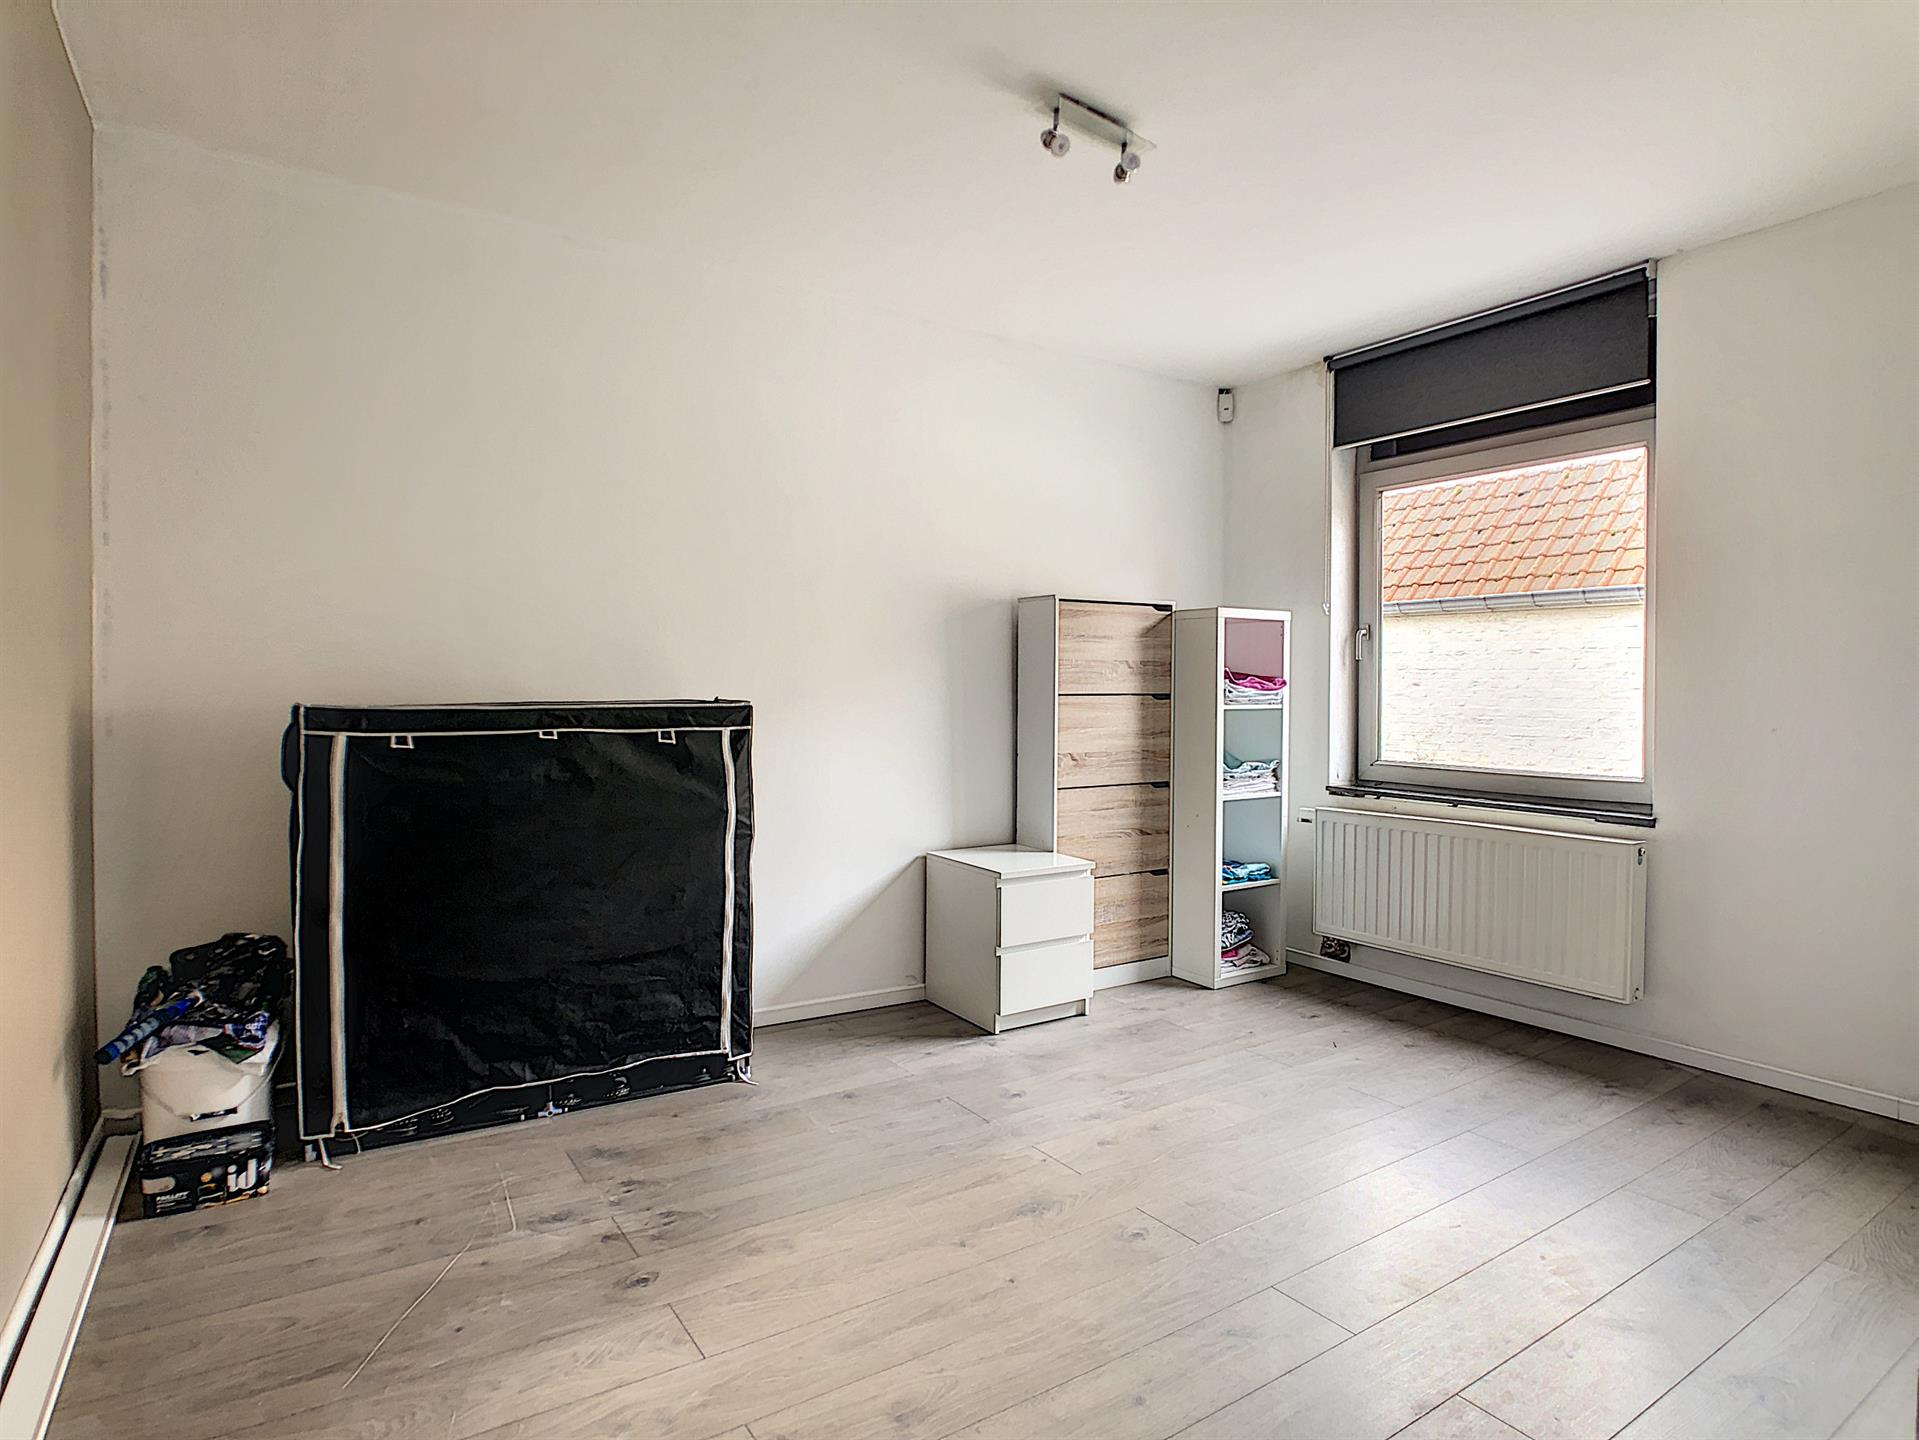 Maison - Sint-Pieters-Leeuw Ruisbroek - #4188539-5